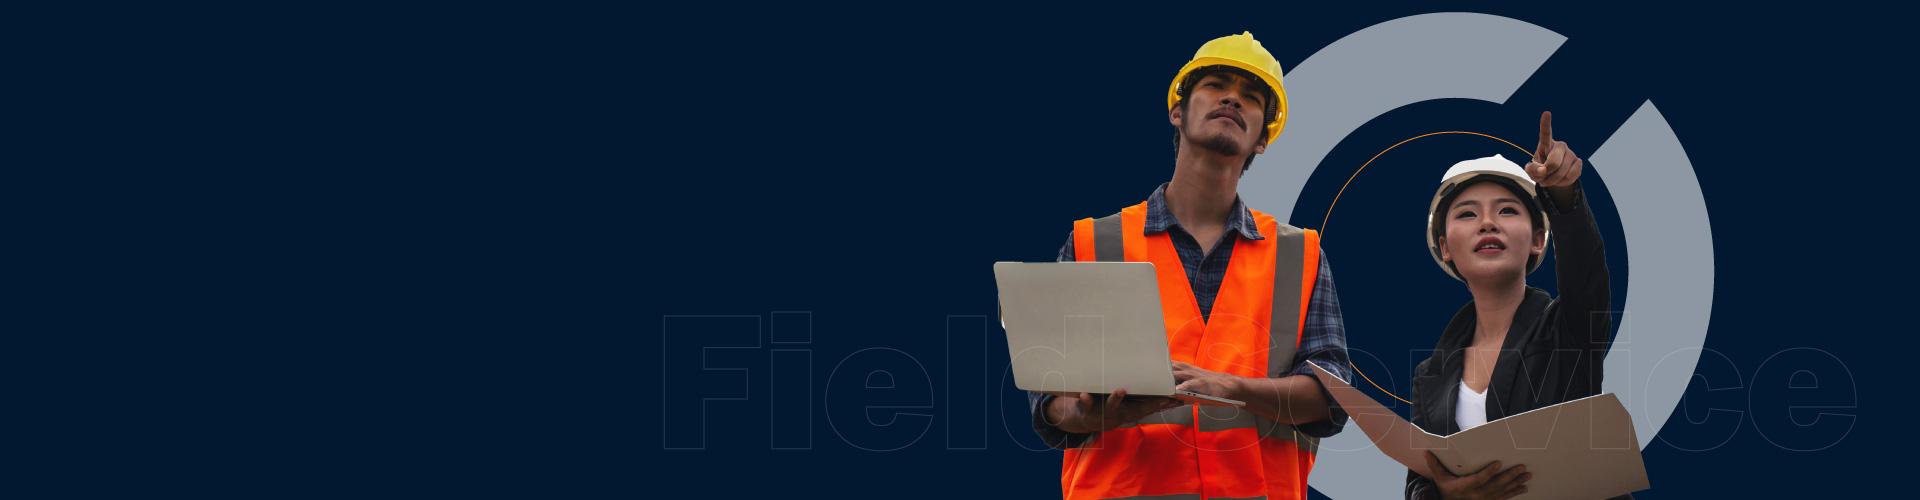 Field Service Accelerator